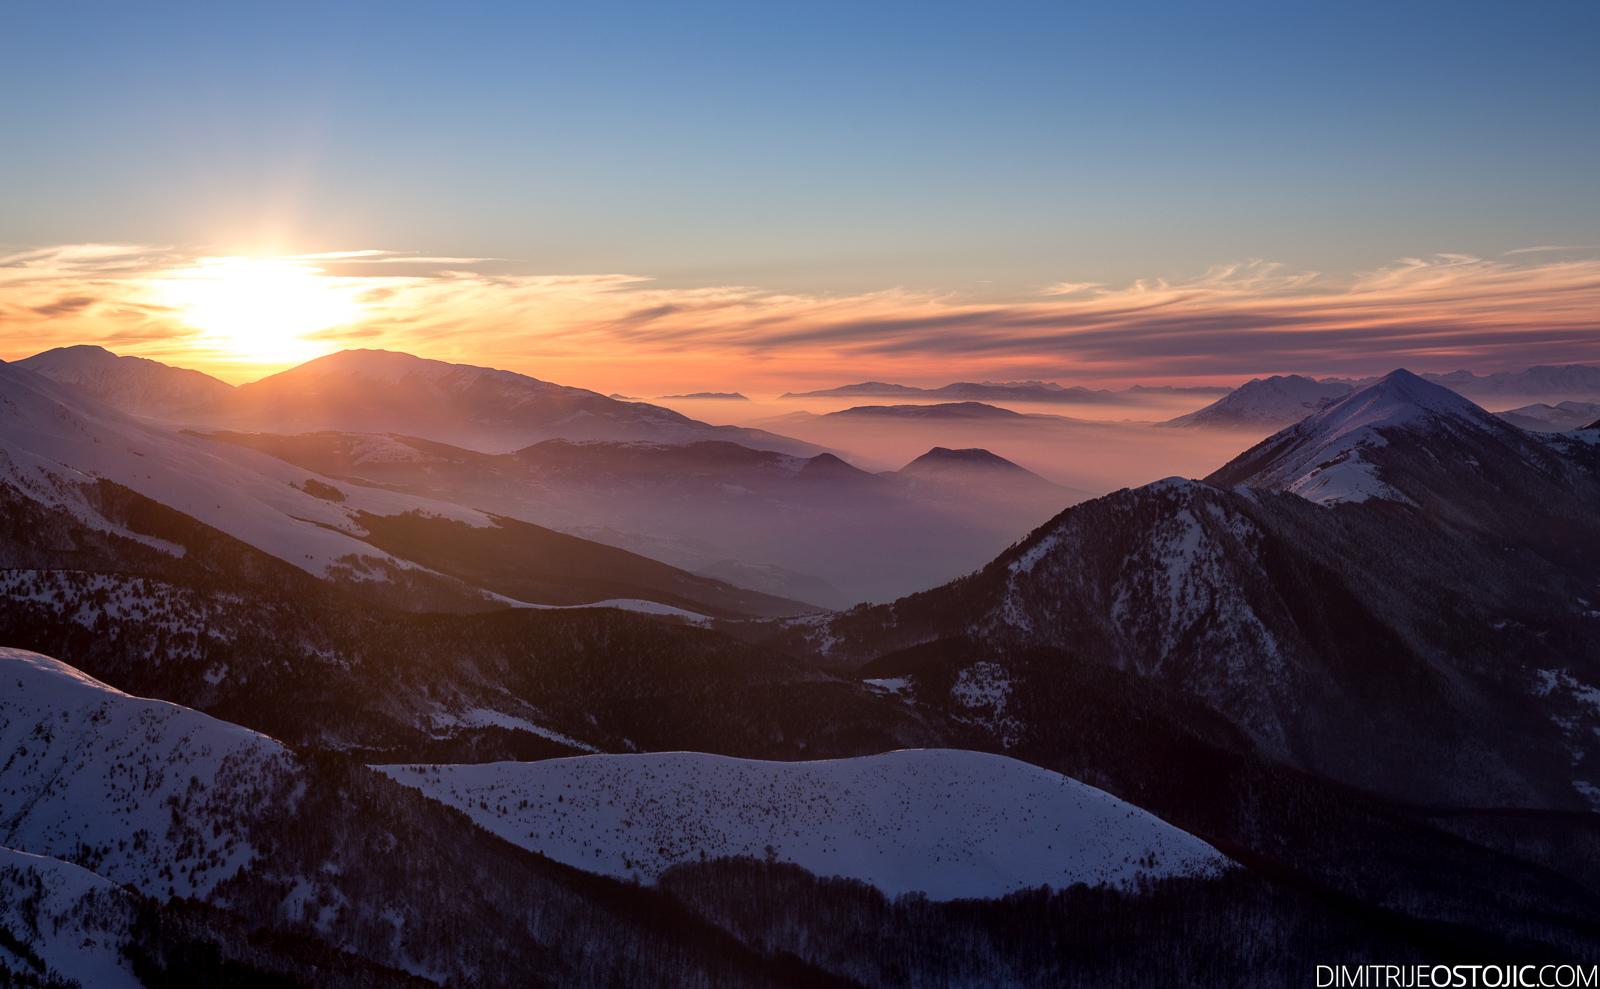 © Dimitrije Ostojic / www.dimitrijeostojic.com